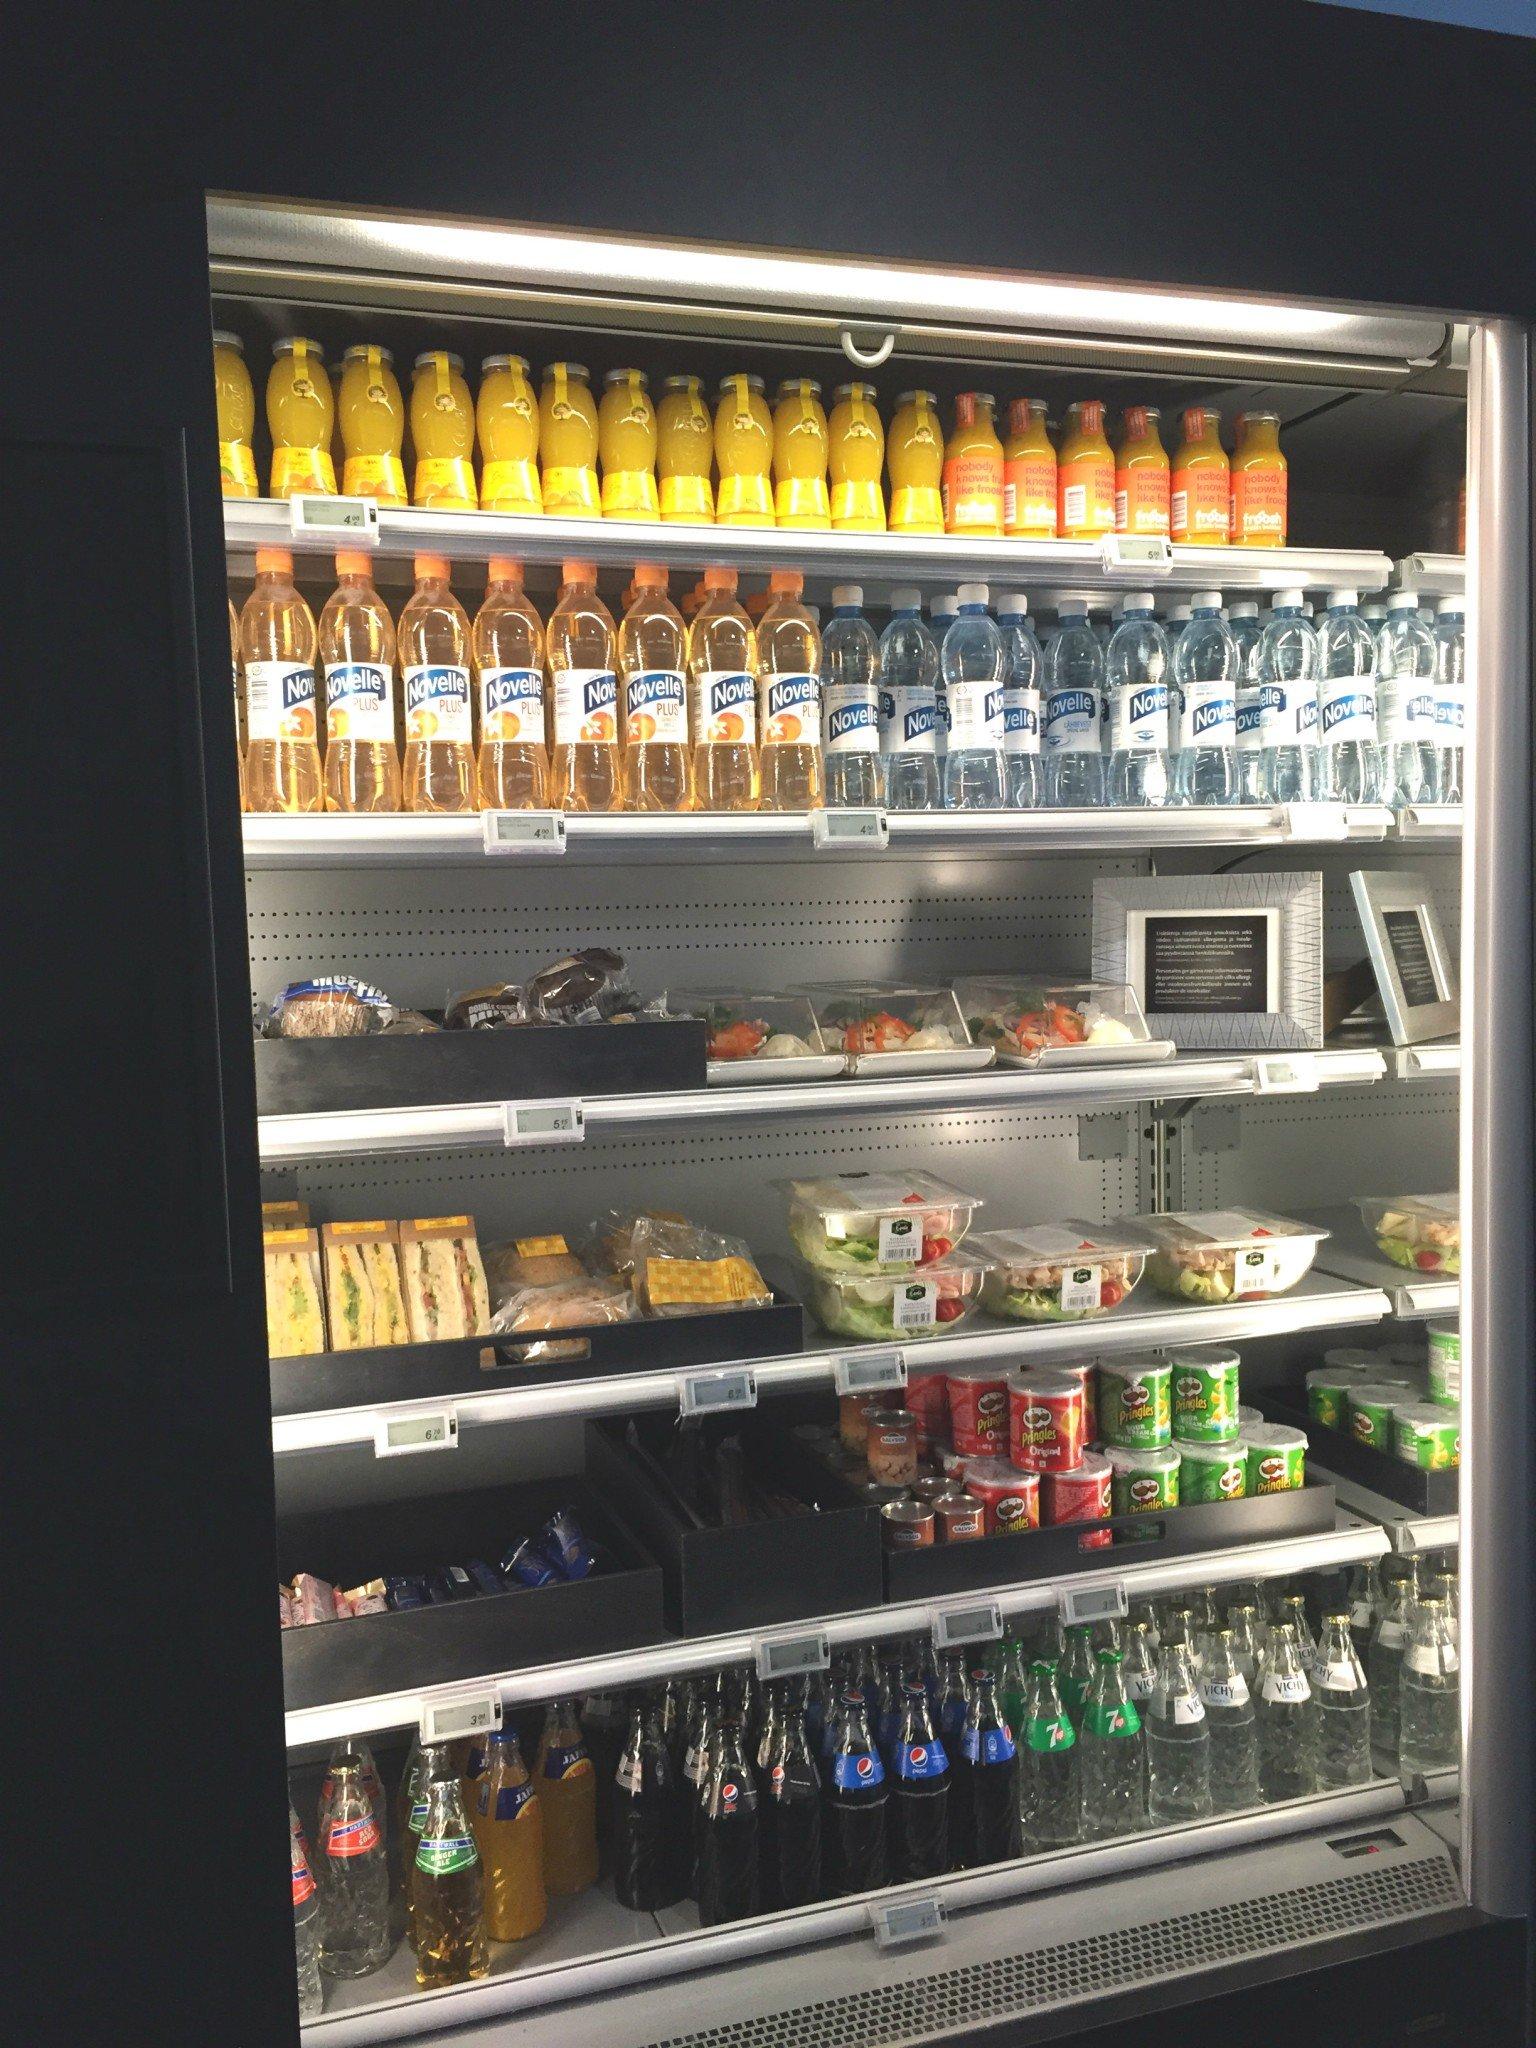 HUBista saa myös valmiita salaatteja, kolmiovoileipiä ja juotavaa 24/7